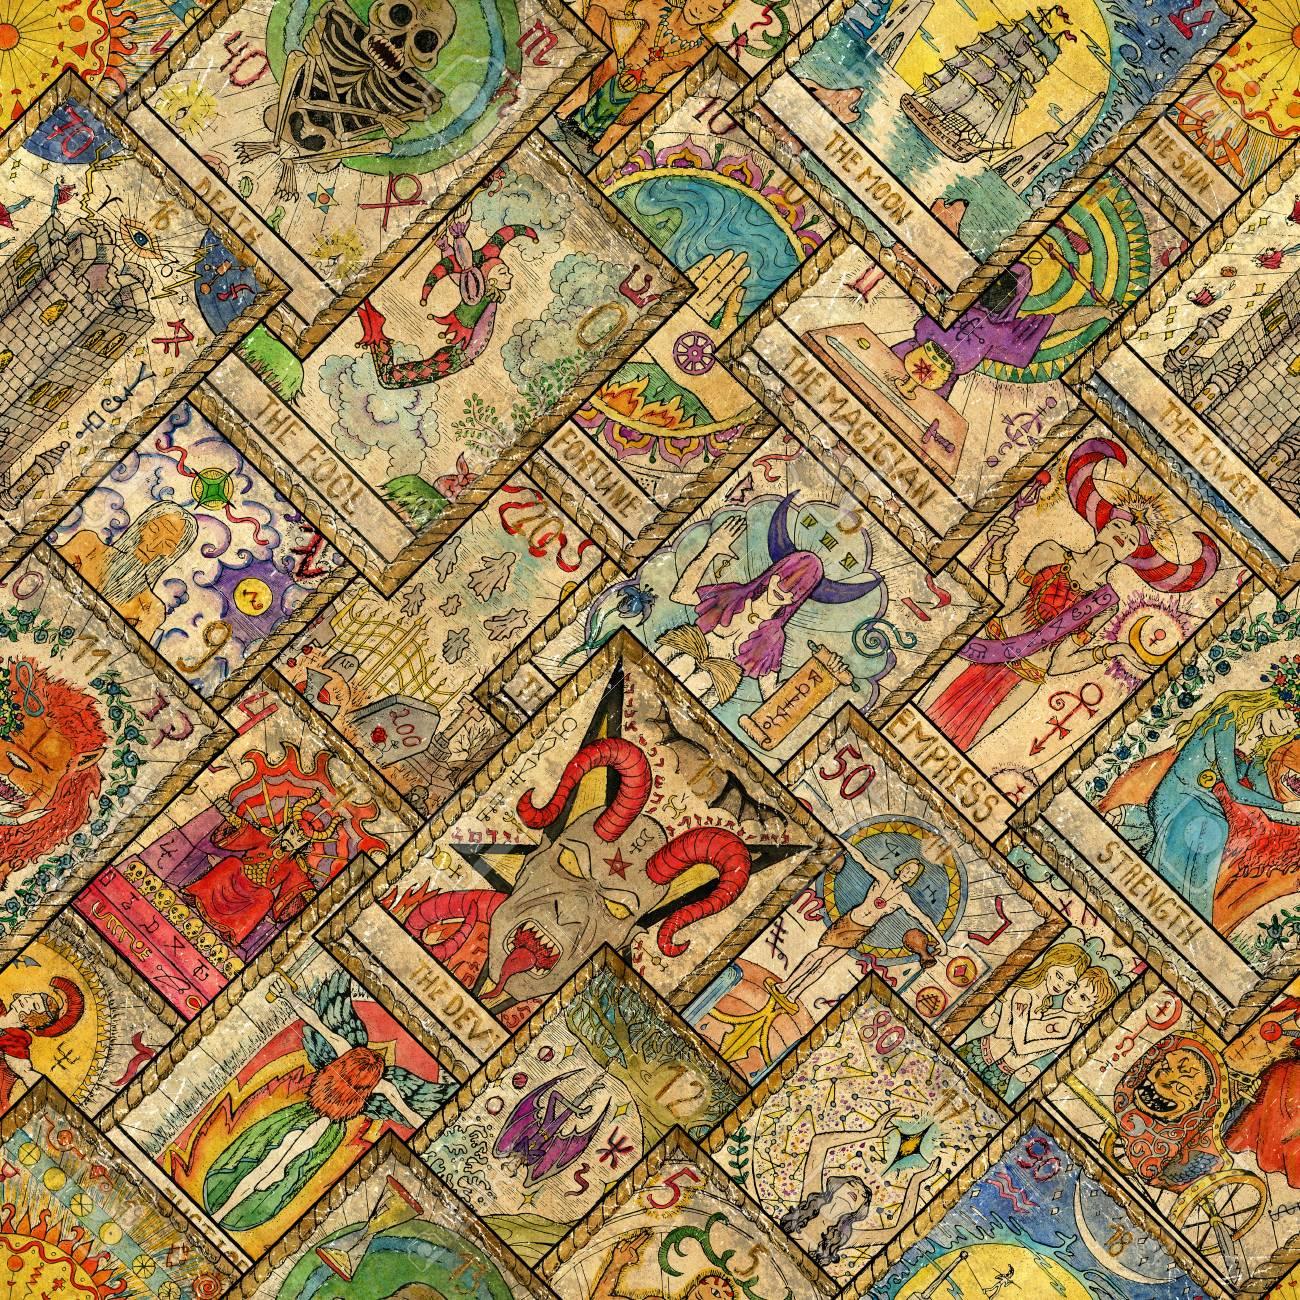 1e78f72efeb Modèle sans couture avec cartes de tarot dessinés à la main en disposition  diagonale. Concept occulte, ésotérique, divination et wicca. Fond ...